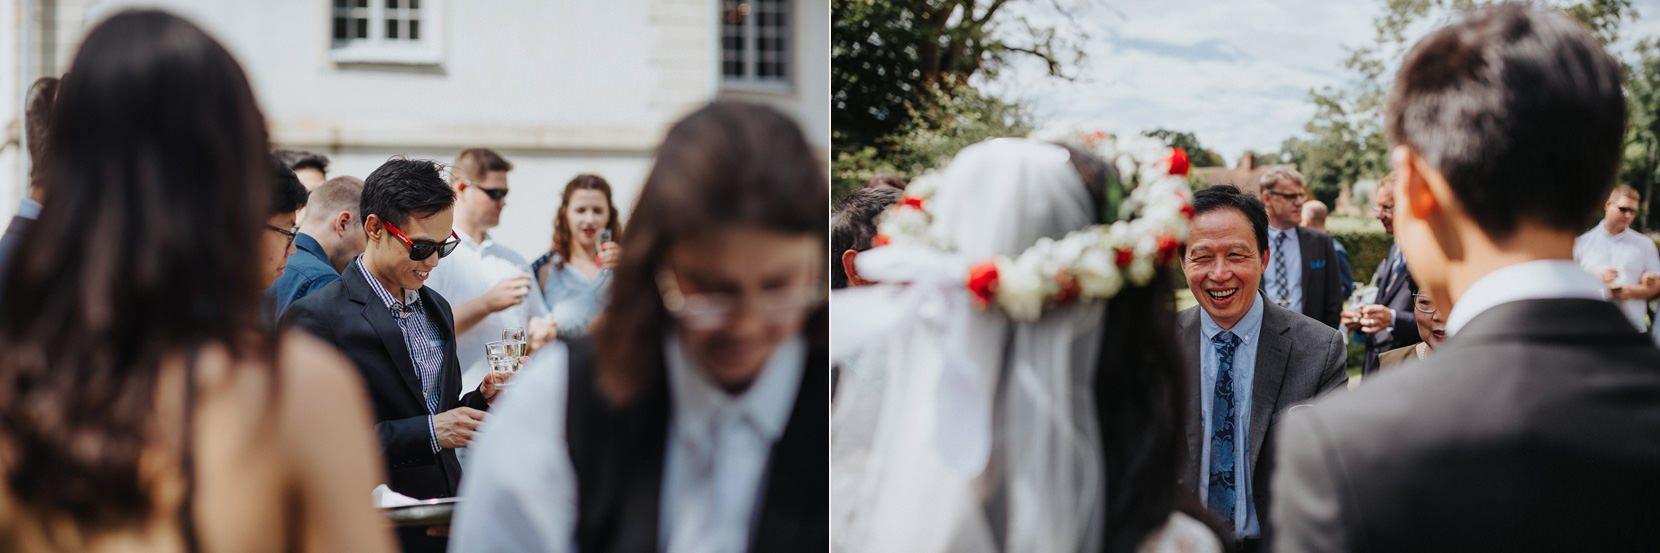 Bröllop mingel Kronovalls Vinslott